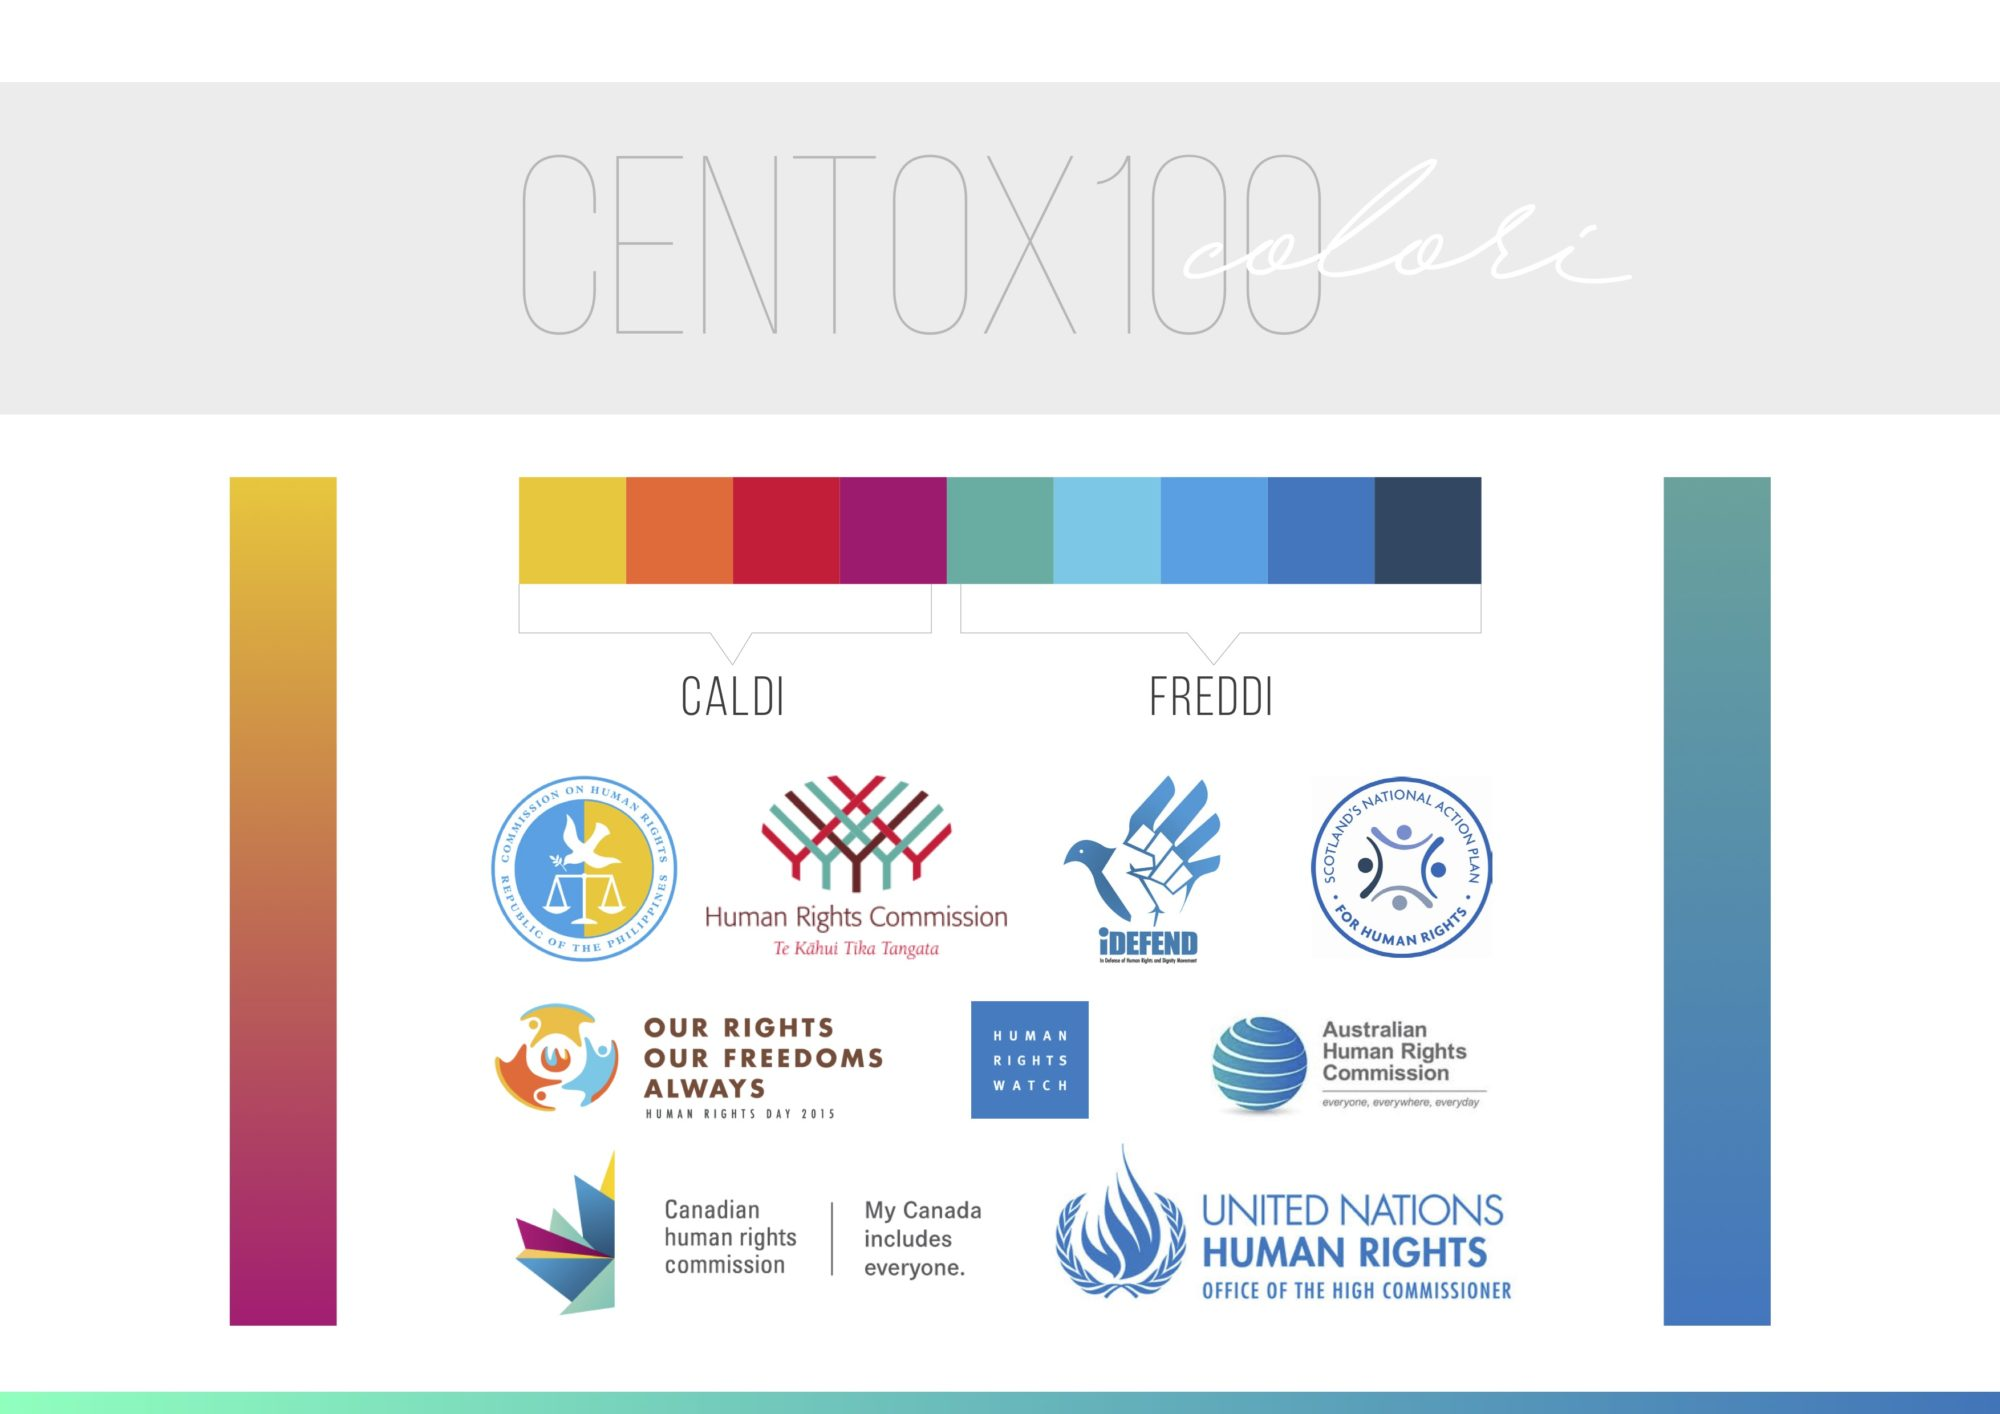 CentoX1004